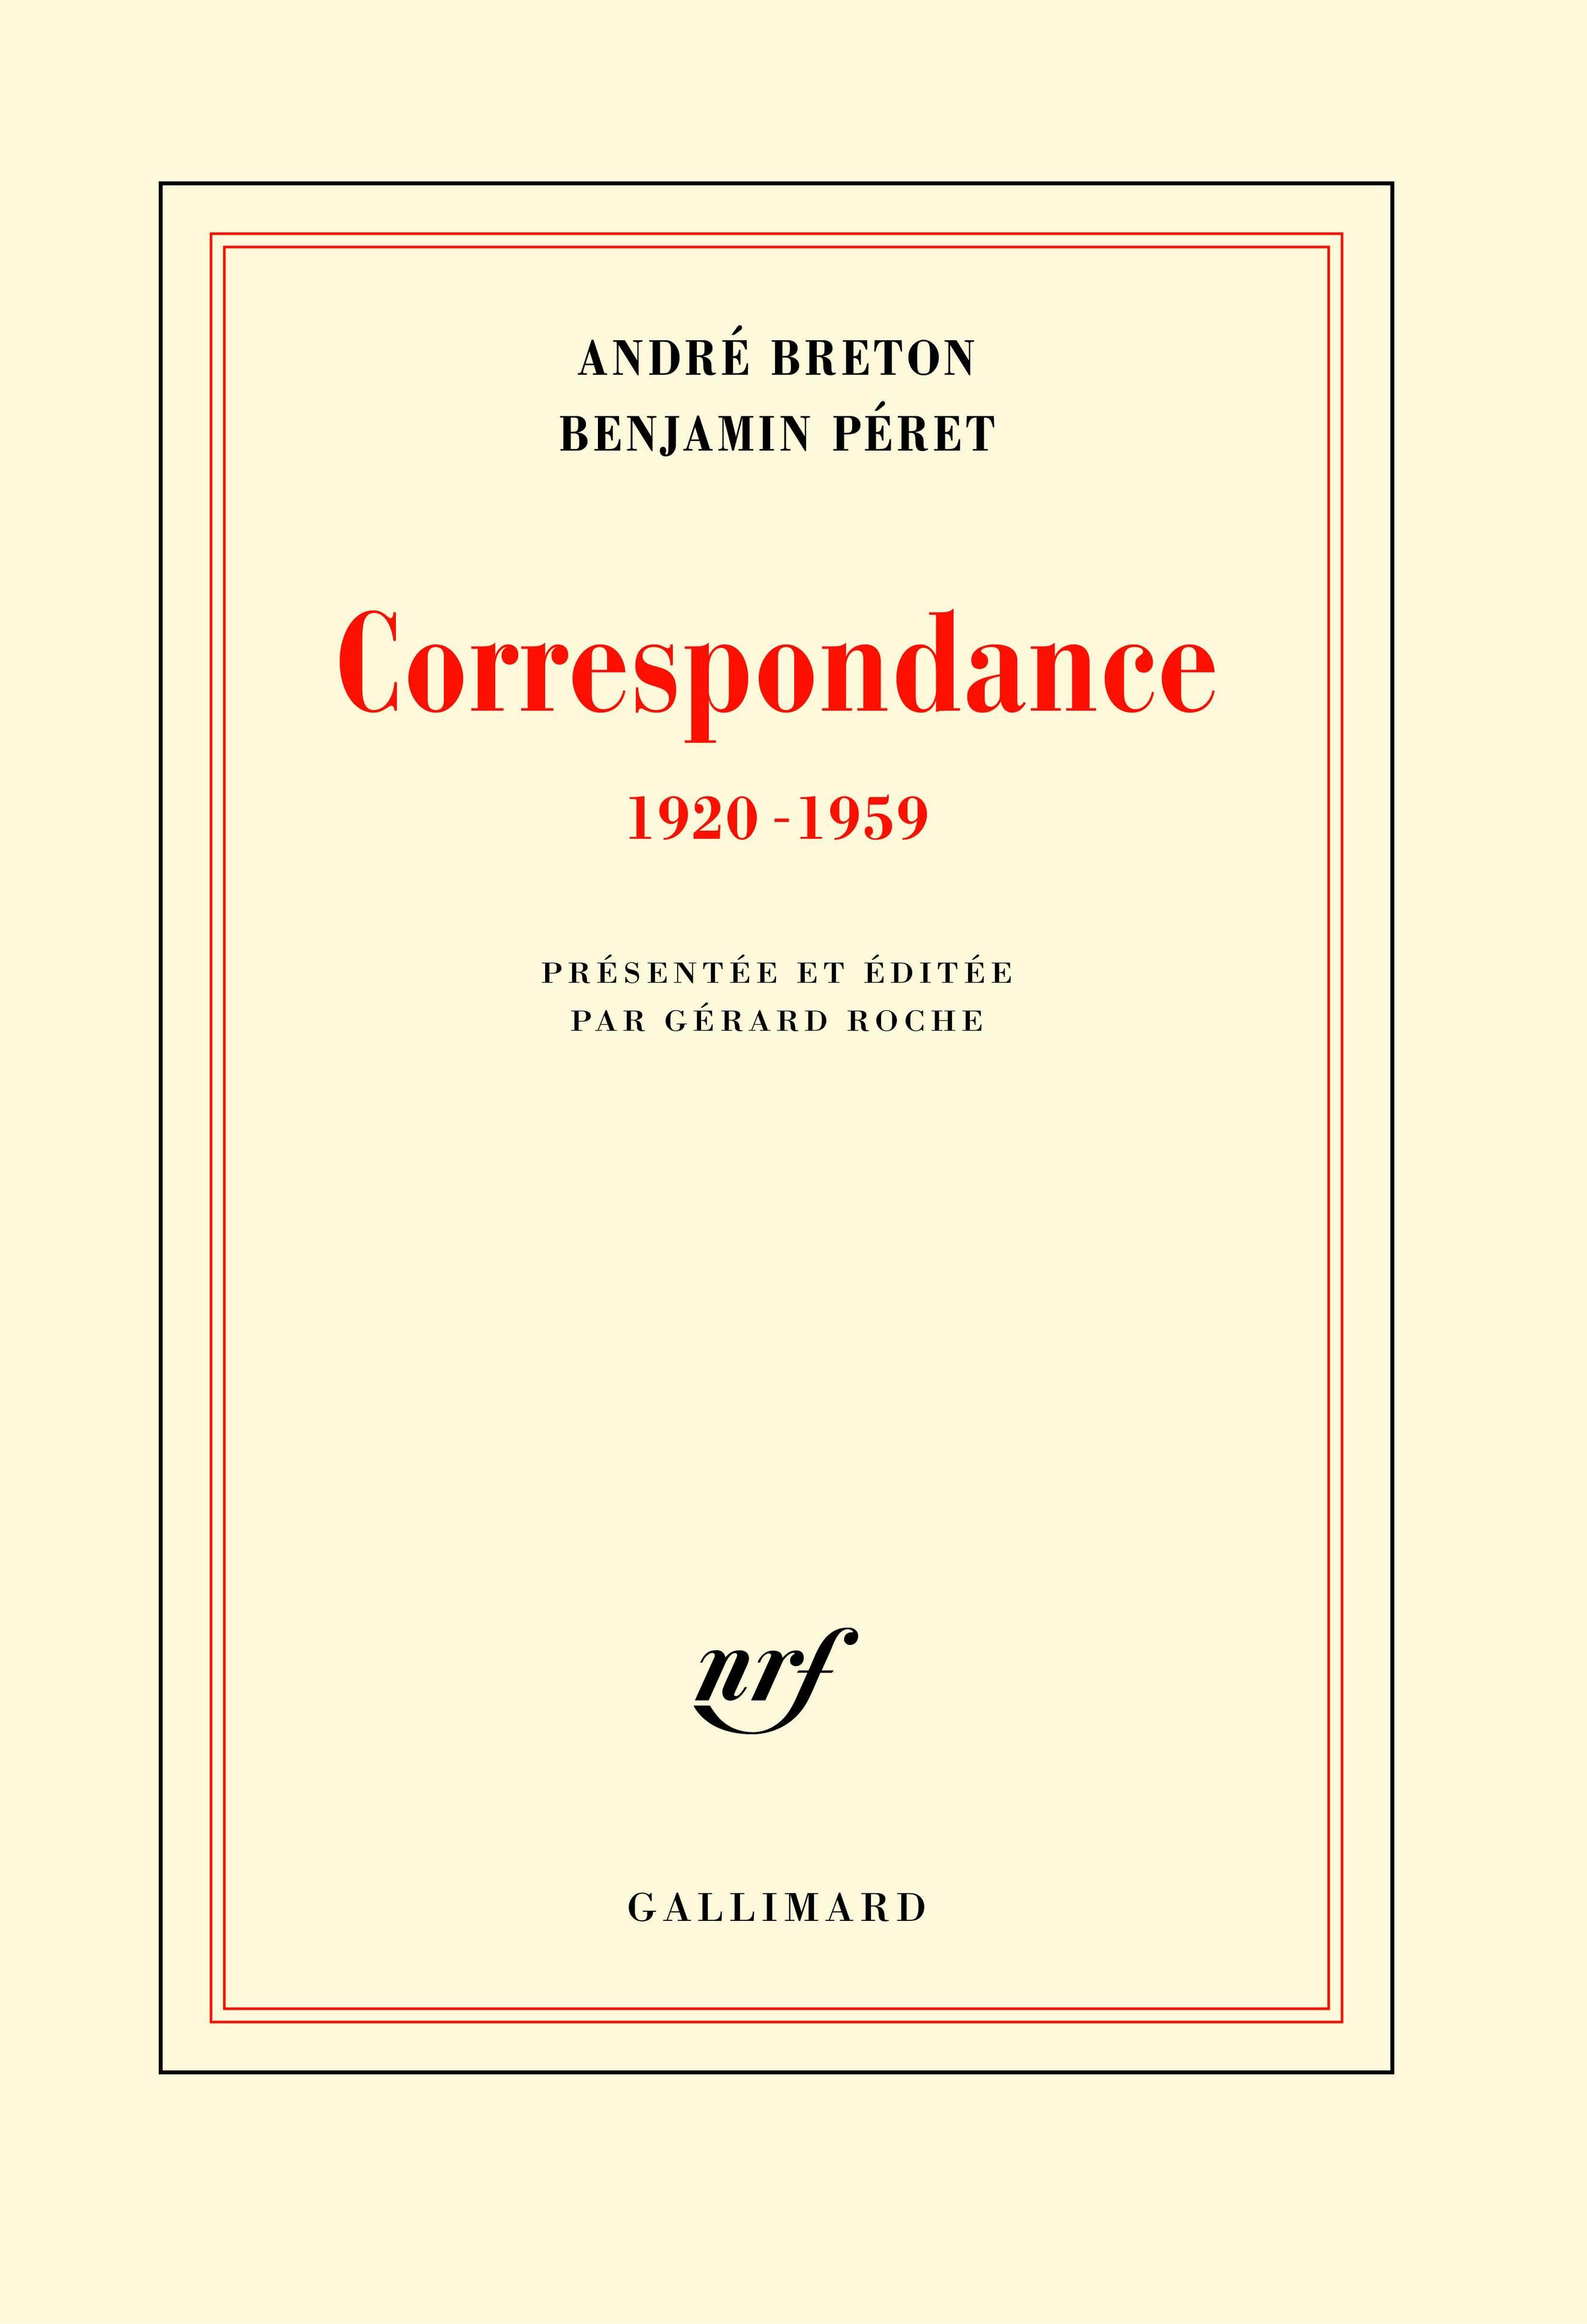 Correspondance (1920-1959)